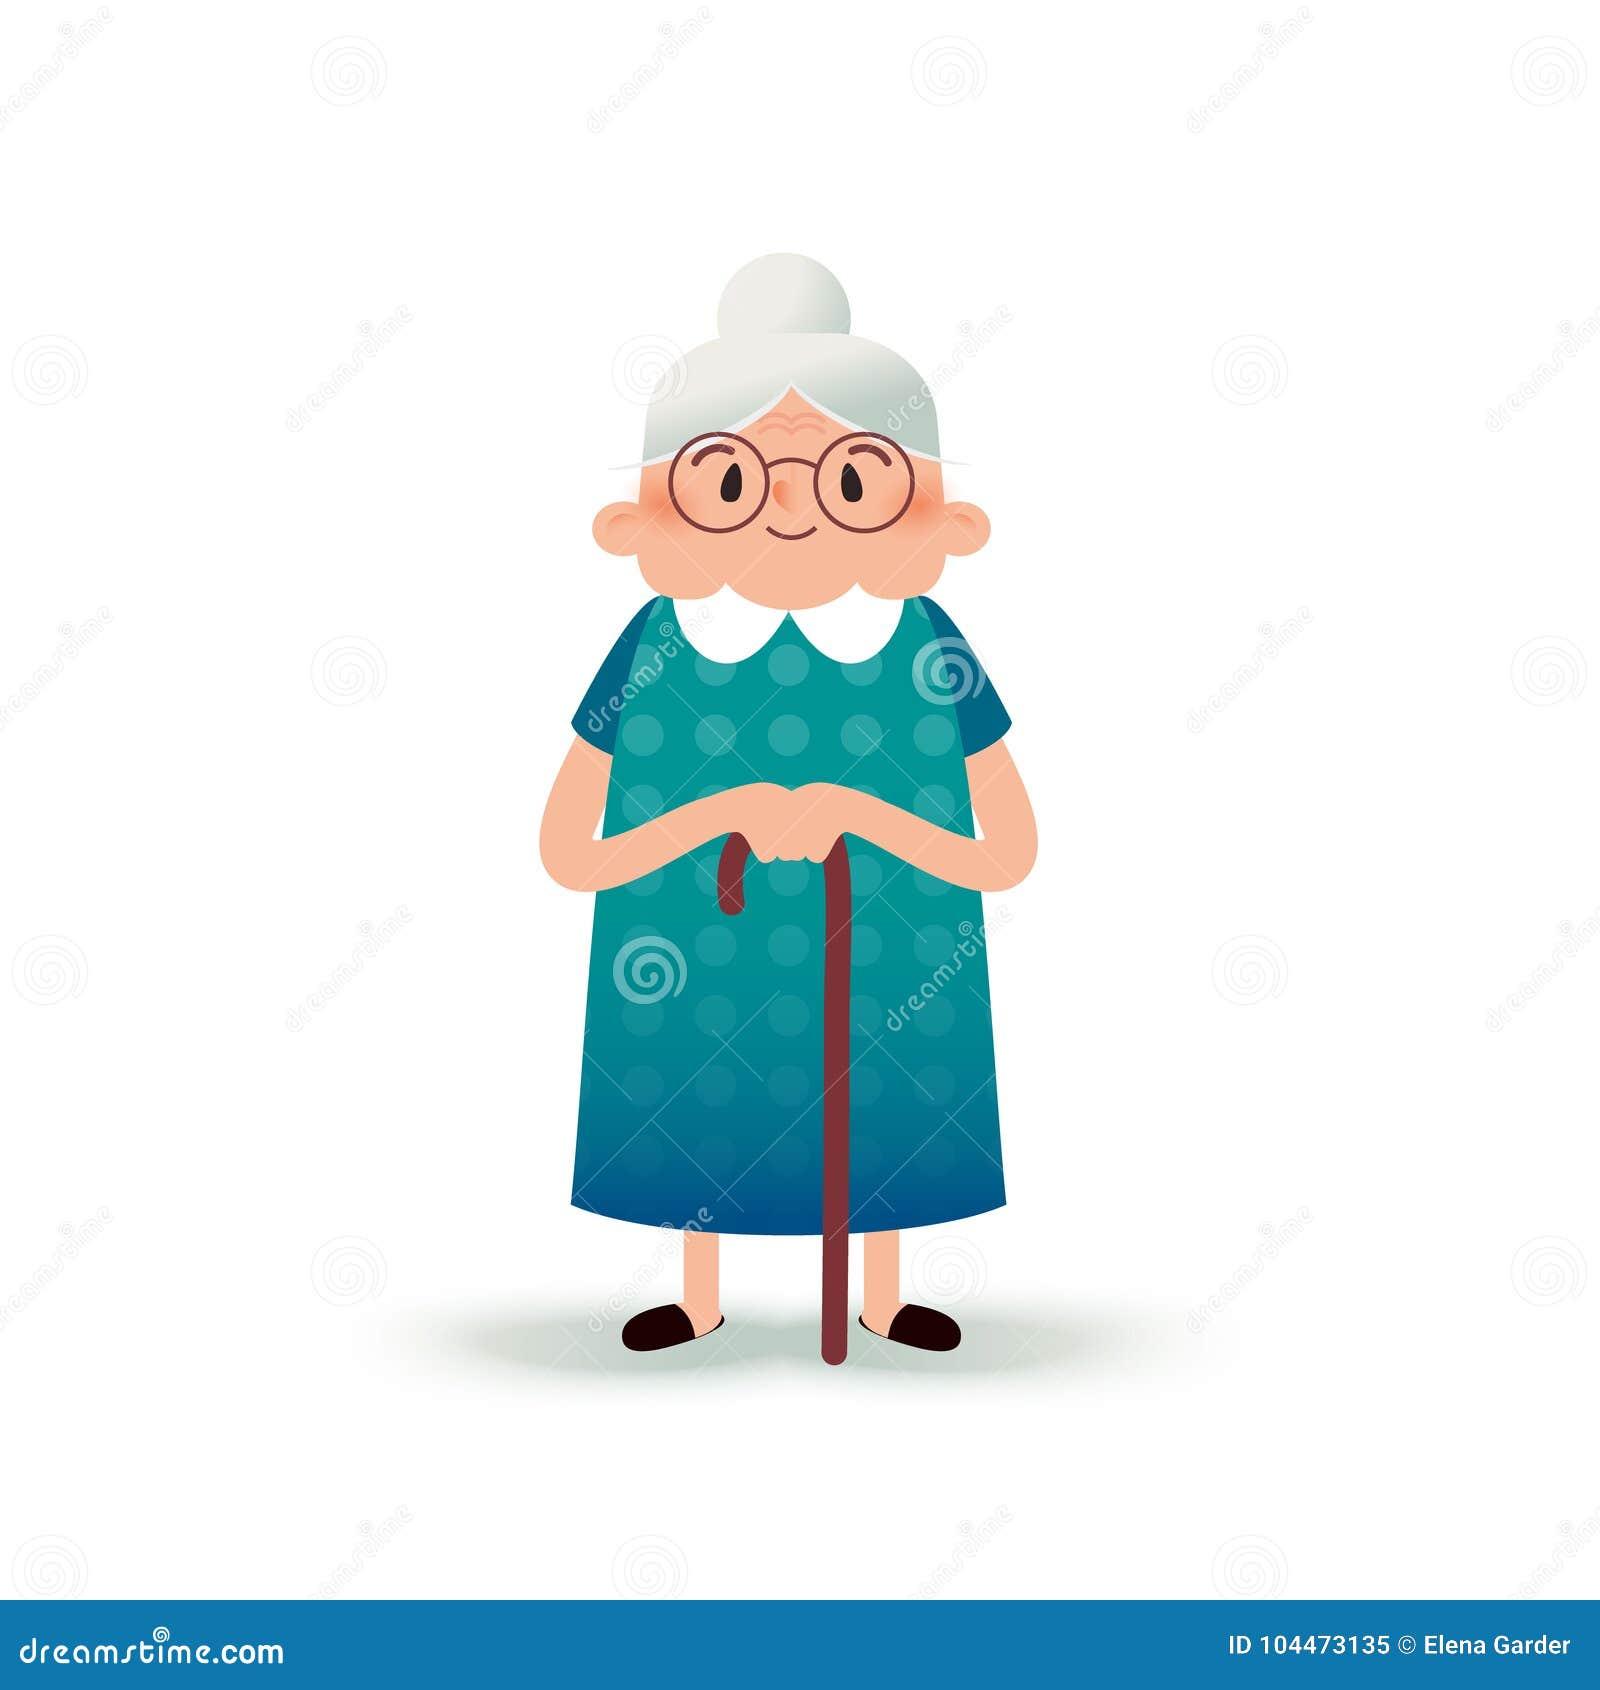 Ευτυχής γιαγιά κινούμενων σχεδίων με έναν κάλαμο ηλικιωμένη γυναίκα γυαλ&i Επίπεδη απεικόνιση στο άσπρο υπόβαθρο αστεία γιαγιά